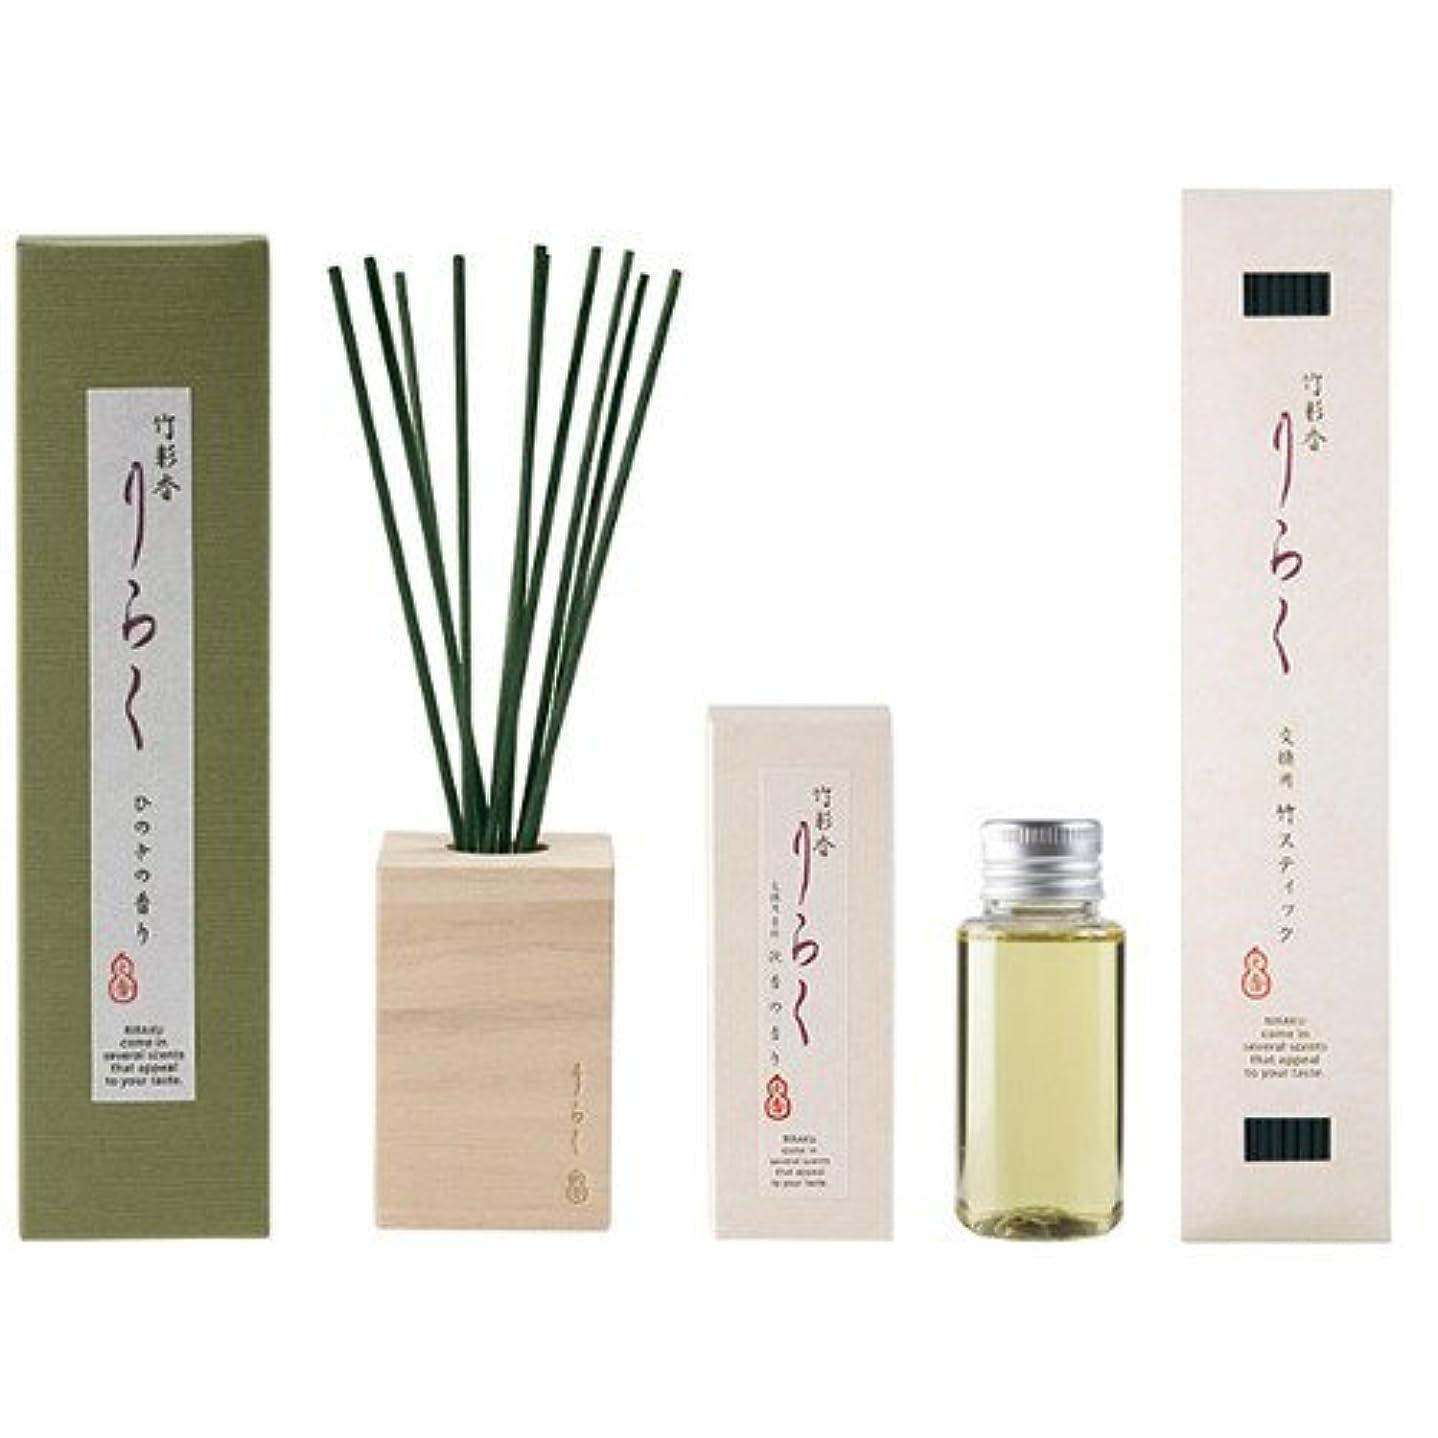 土器慣らすカブ大香 竹彩香 りらく ひのき 50ml と 交換用 ひのき、交換用竹スティック ひのきの色 セット